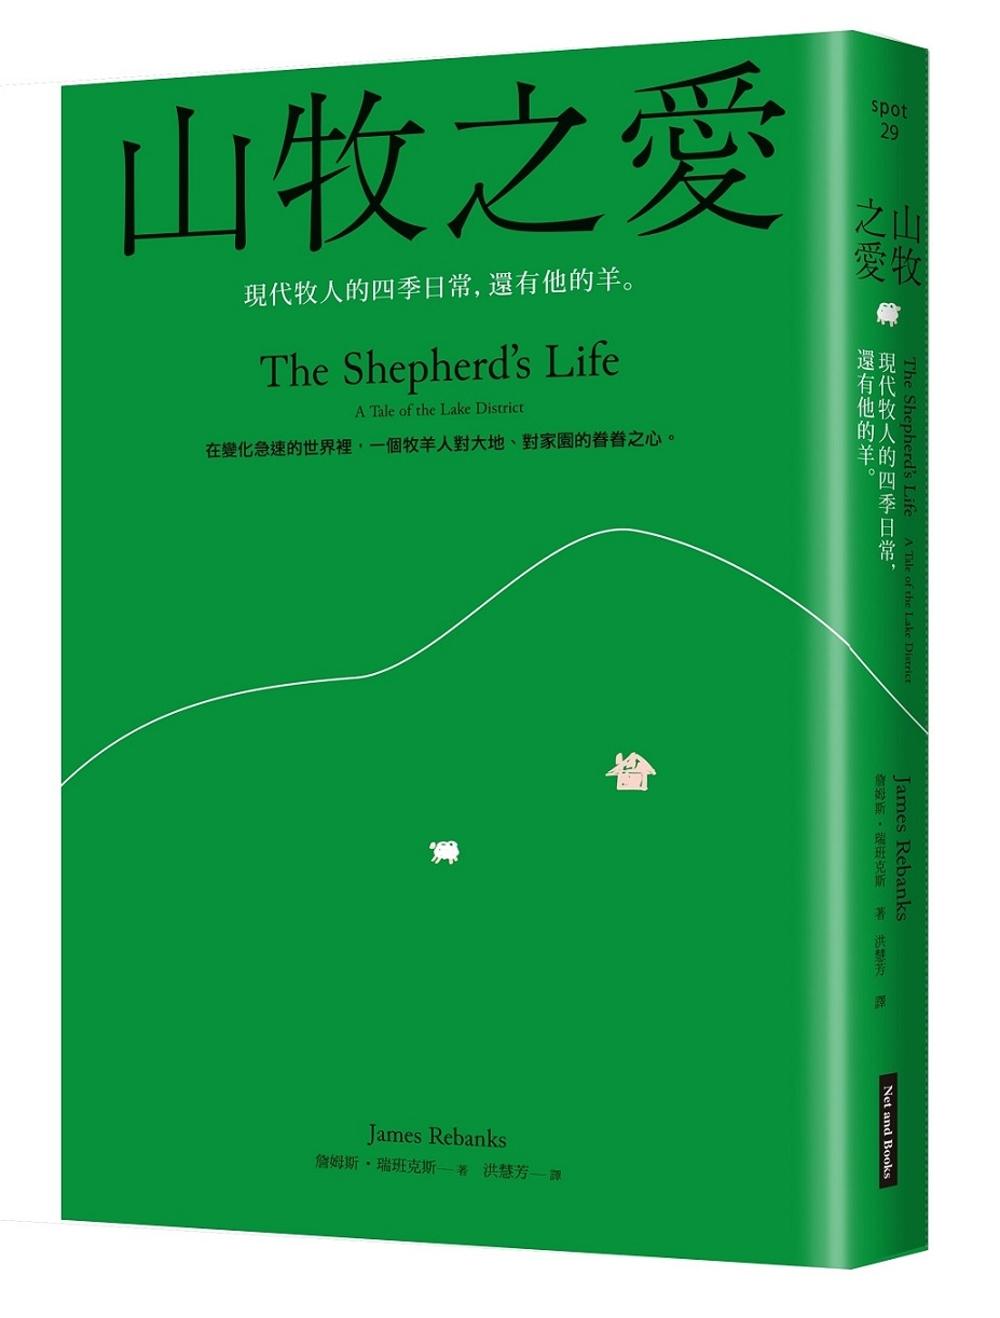 山牧之愛:現代牧人的四季日常,還有他的羊